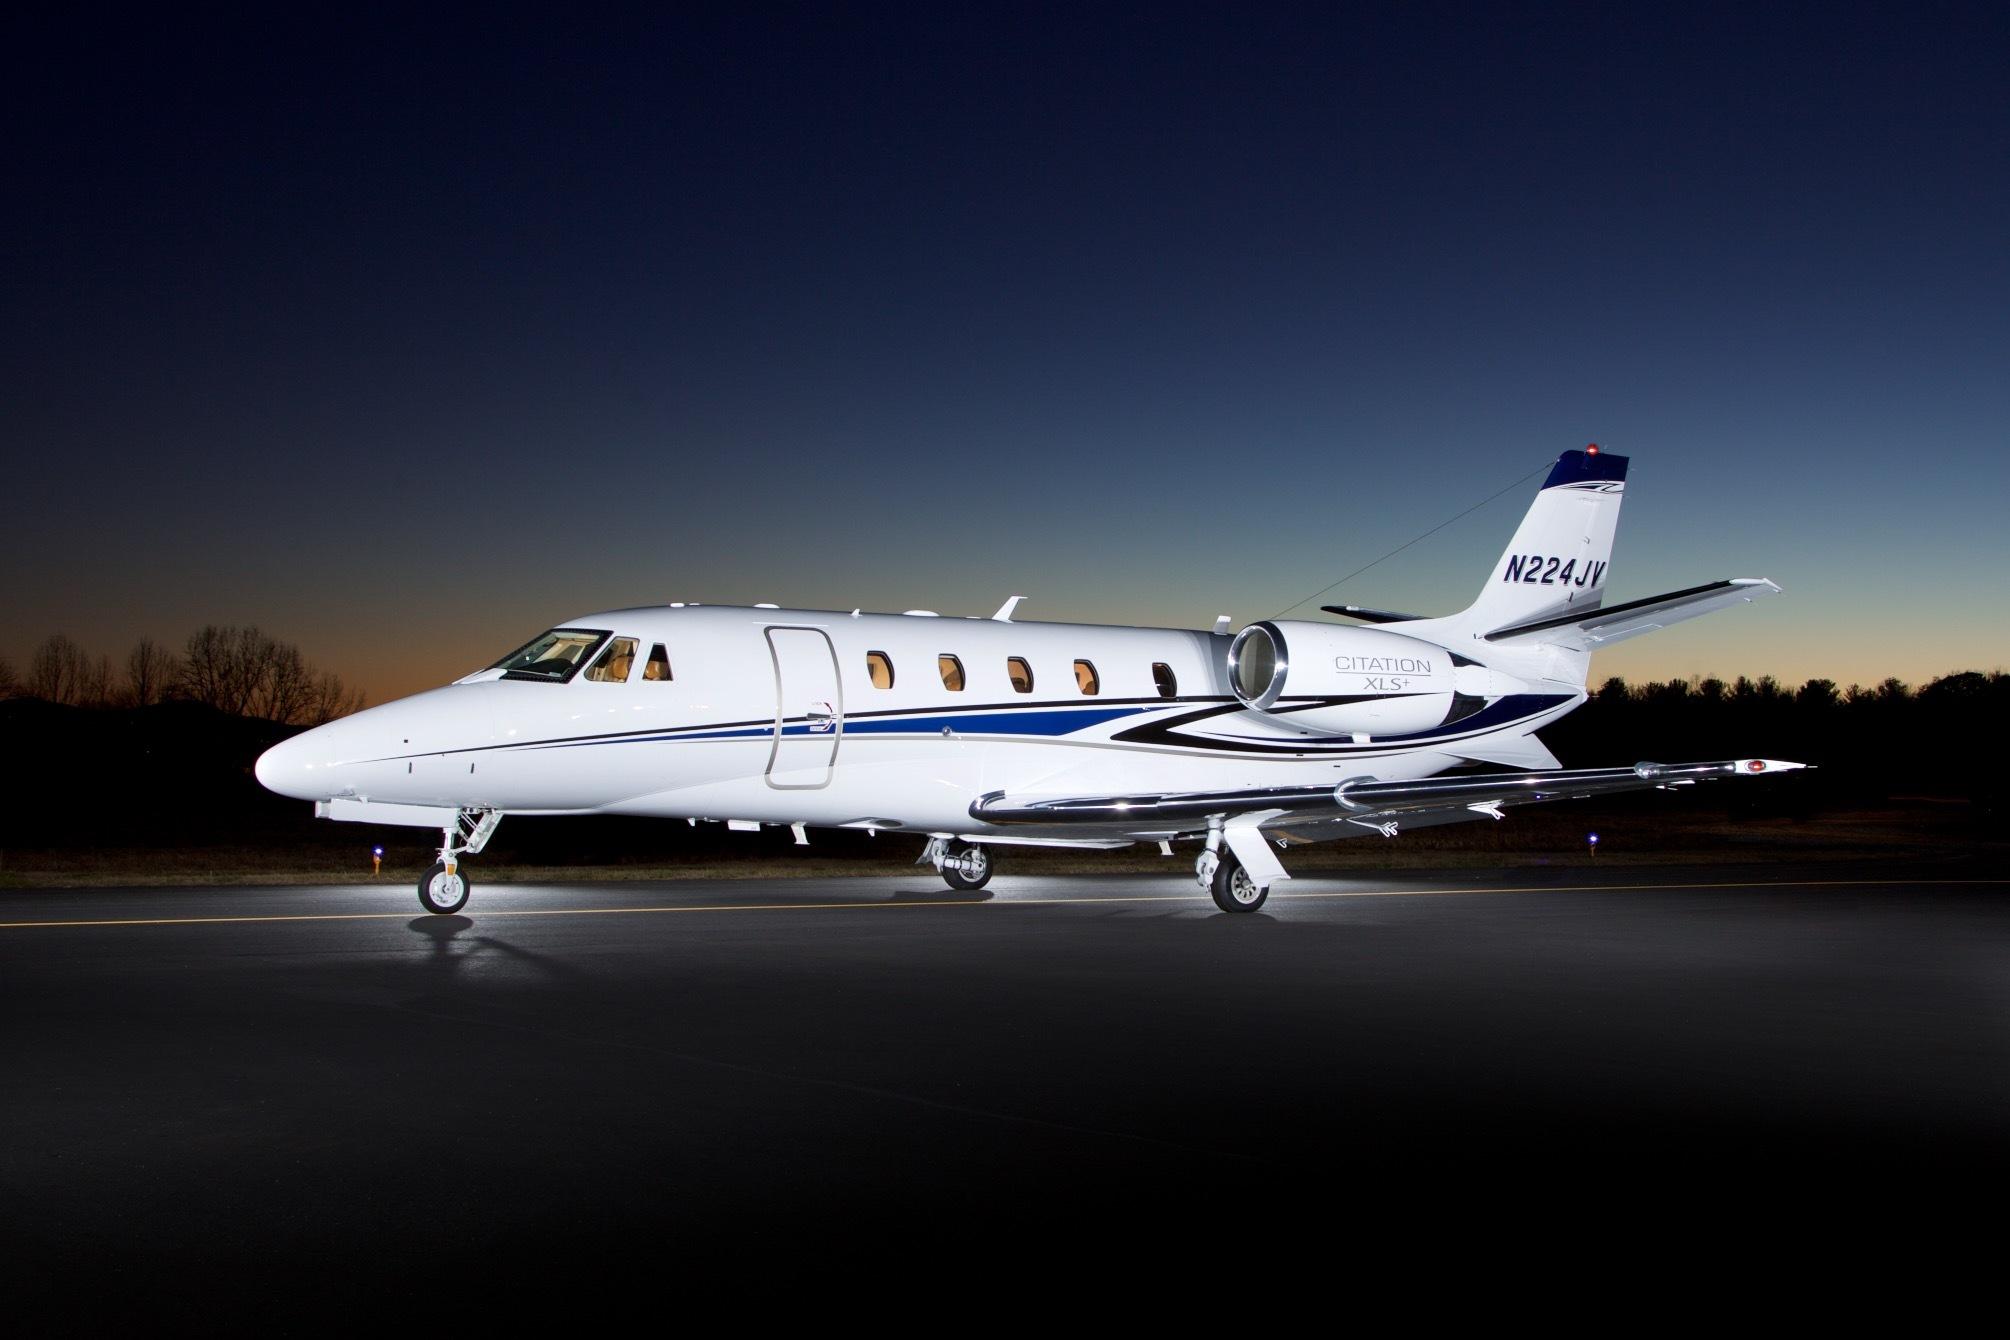 6ff8169cf4c35692b21e4def1b0a46ea - Cessna Citation XLS +